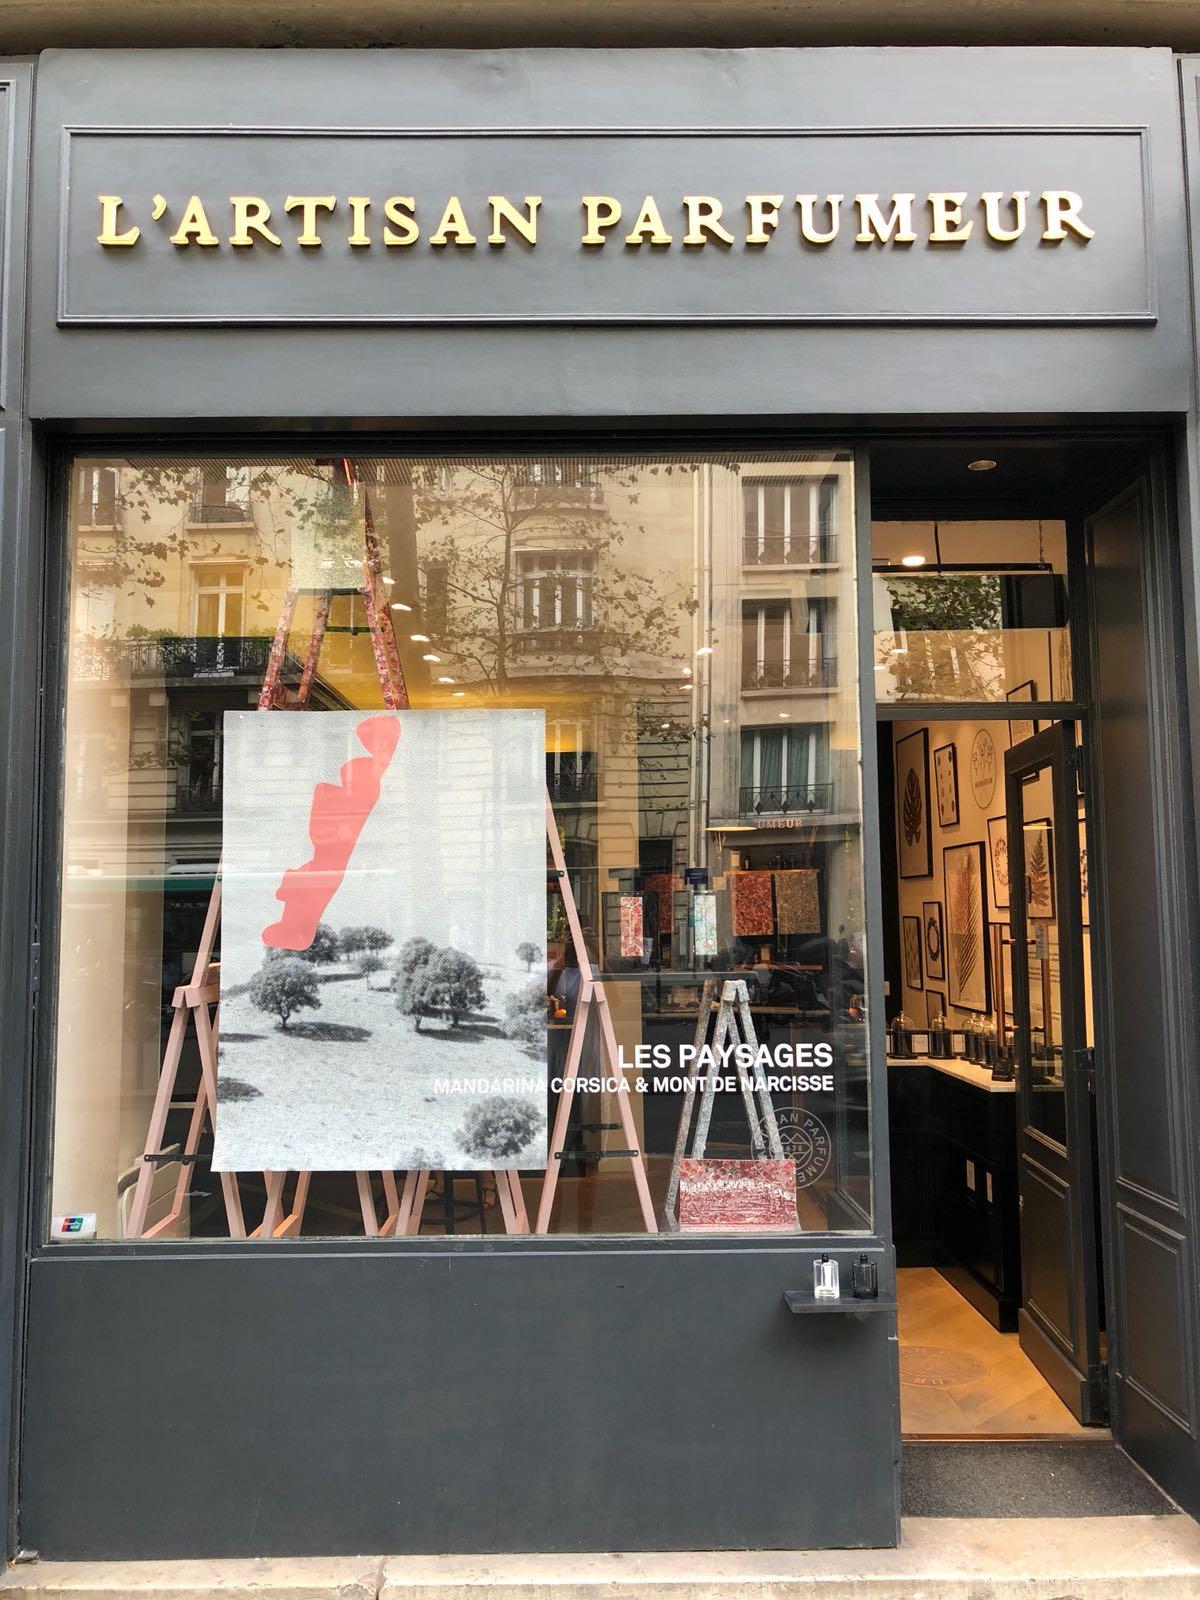 L'Artisan Parfumer Paysages Window at Raspail